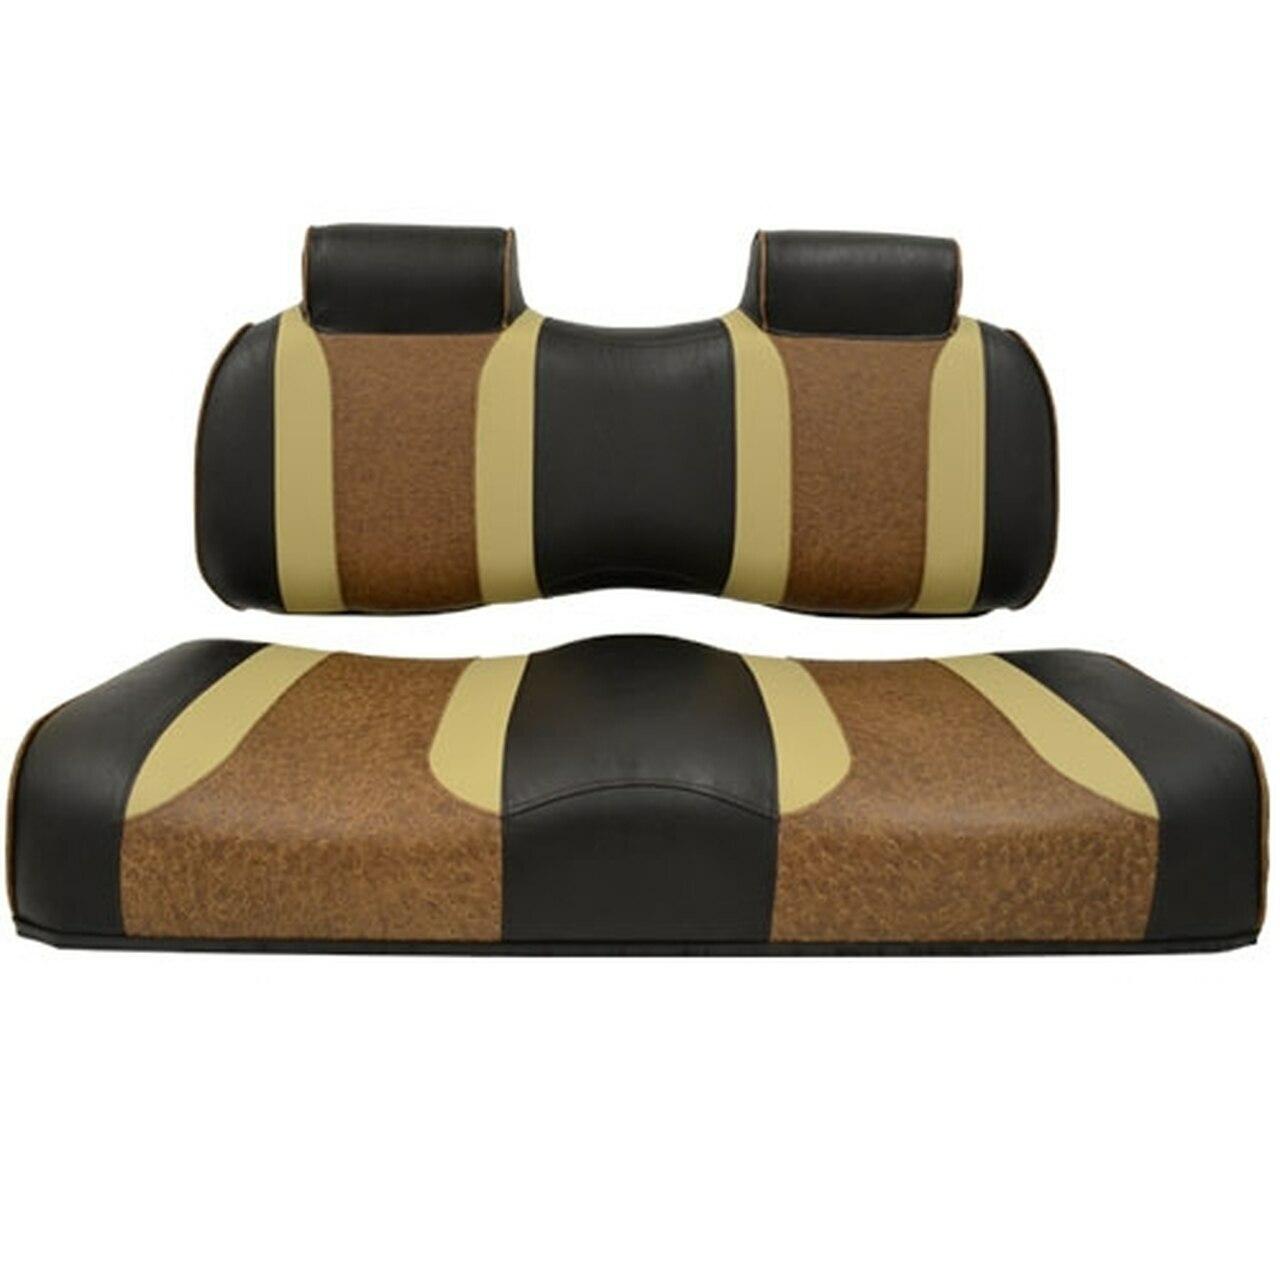 MADJAX SEAT CUSHIONS